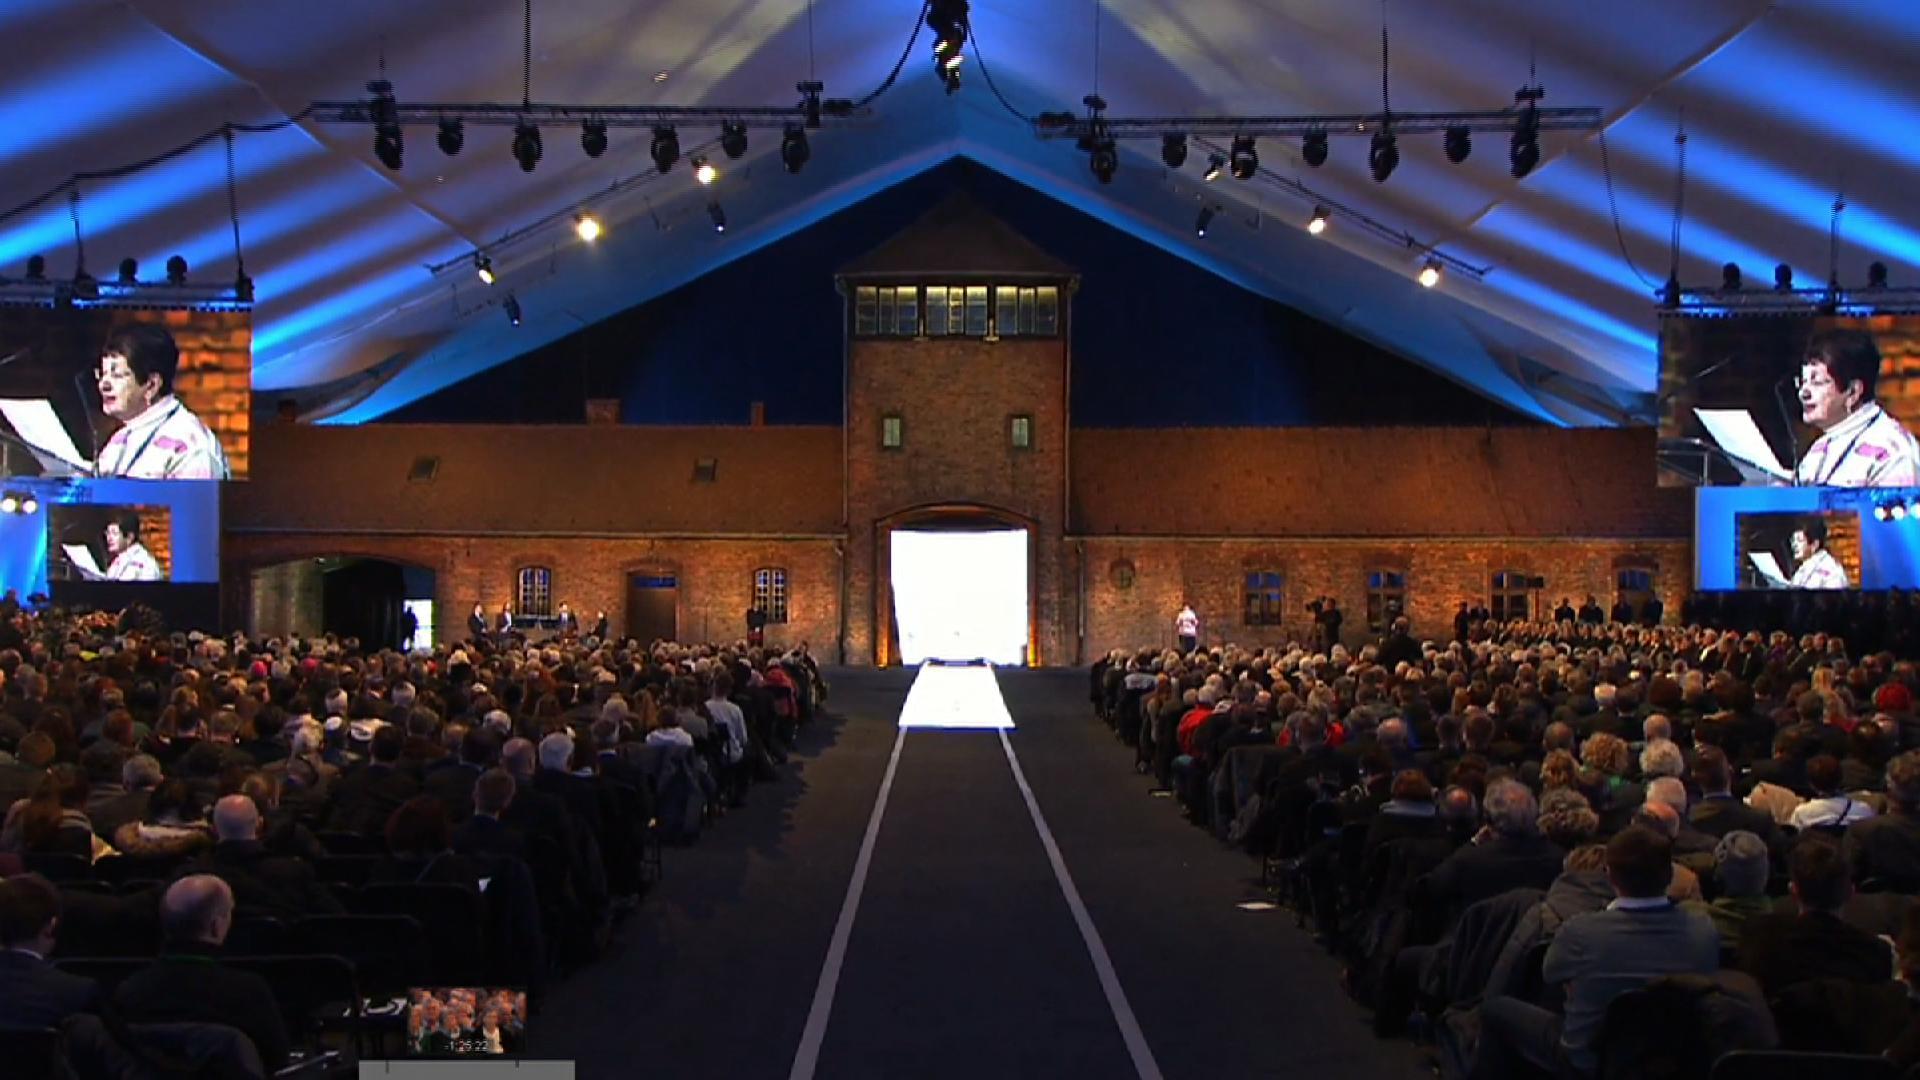 200 byłych więźniów, prezydenci, koronowane głowy i …straszna prawda! 75. rocznica wyzwolenia obozu Auschwitz